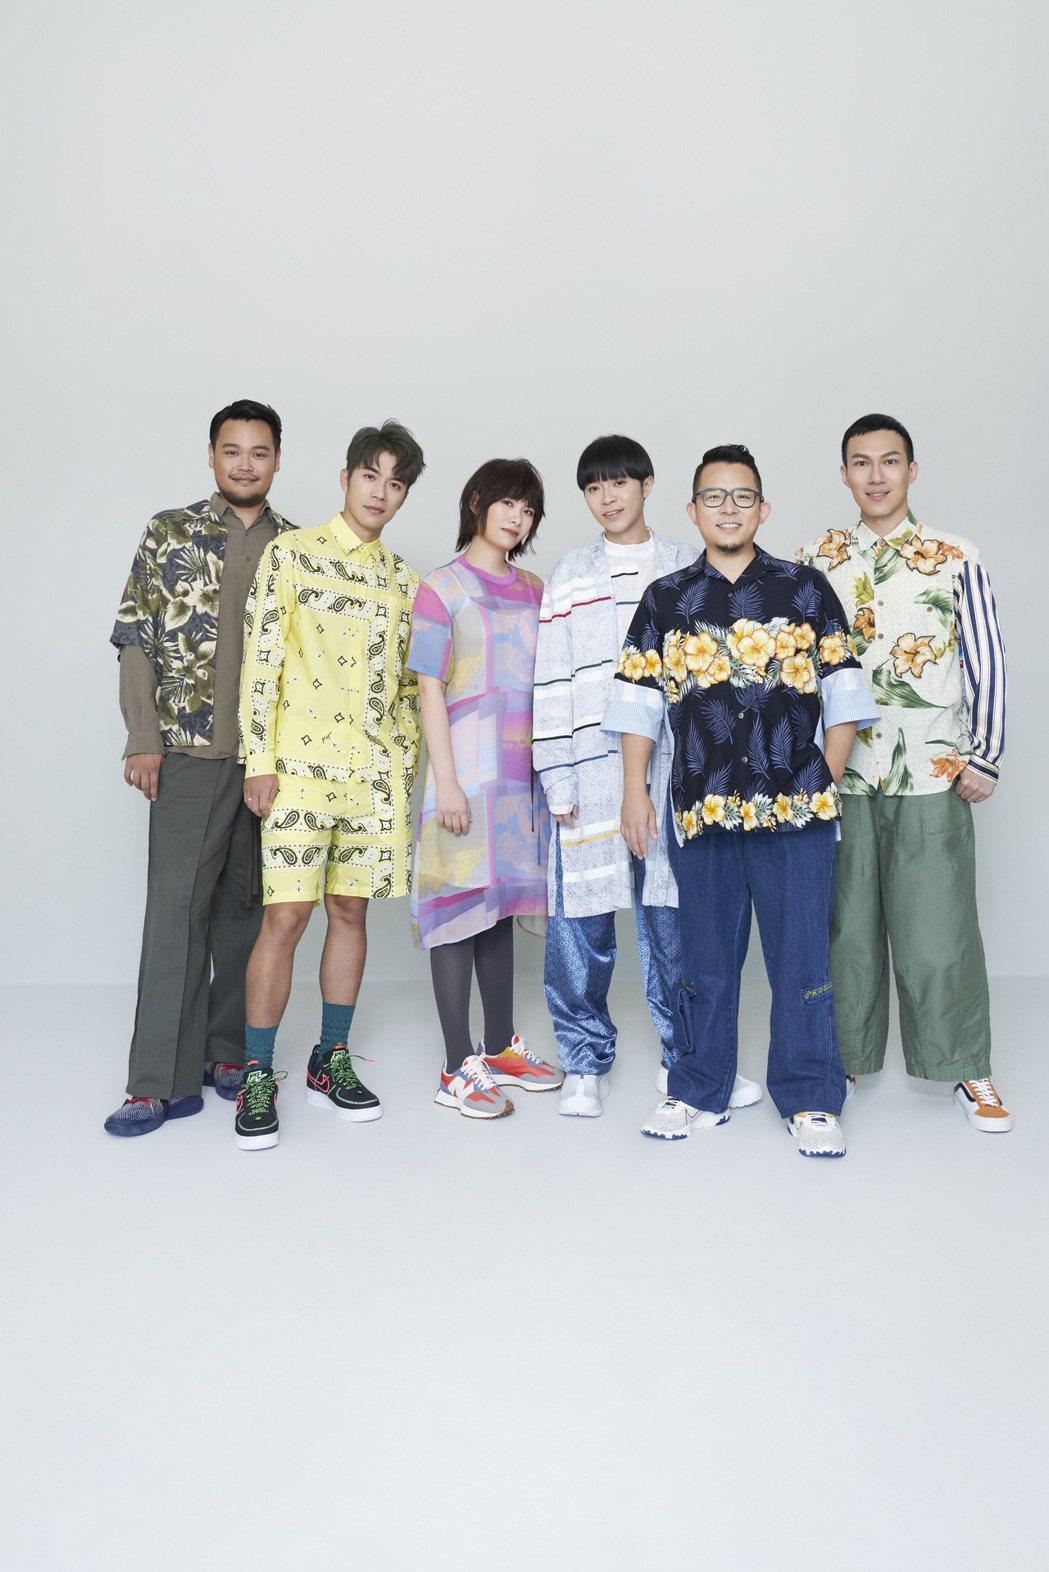 魚丁糸宣布在5月30日開唱,地點遲不公布。圖/環球音樂提供